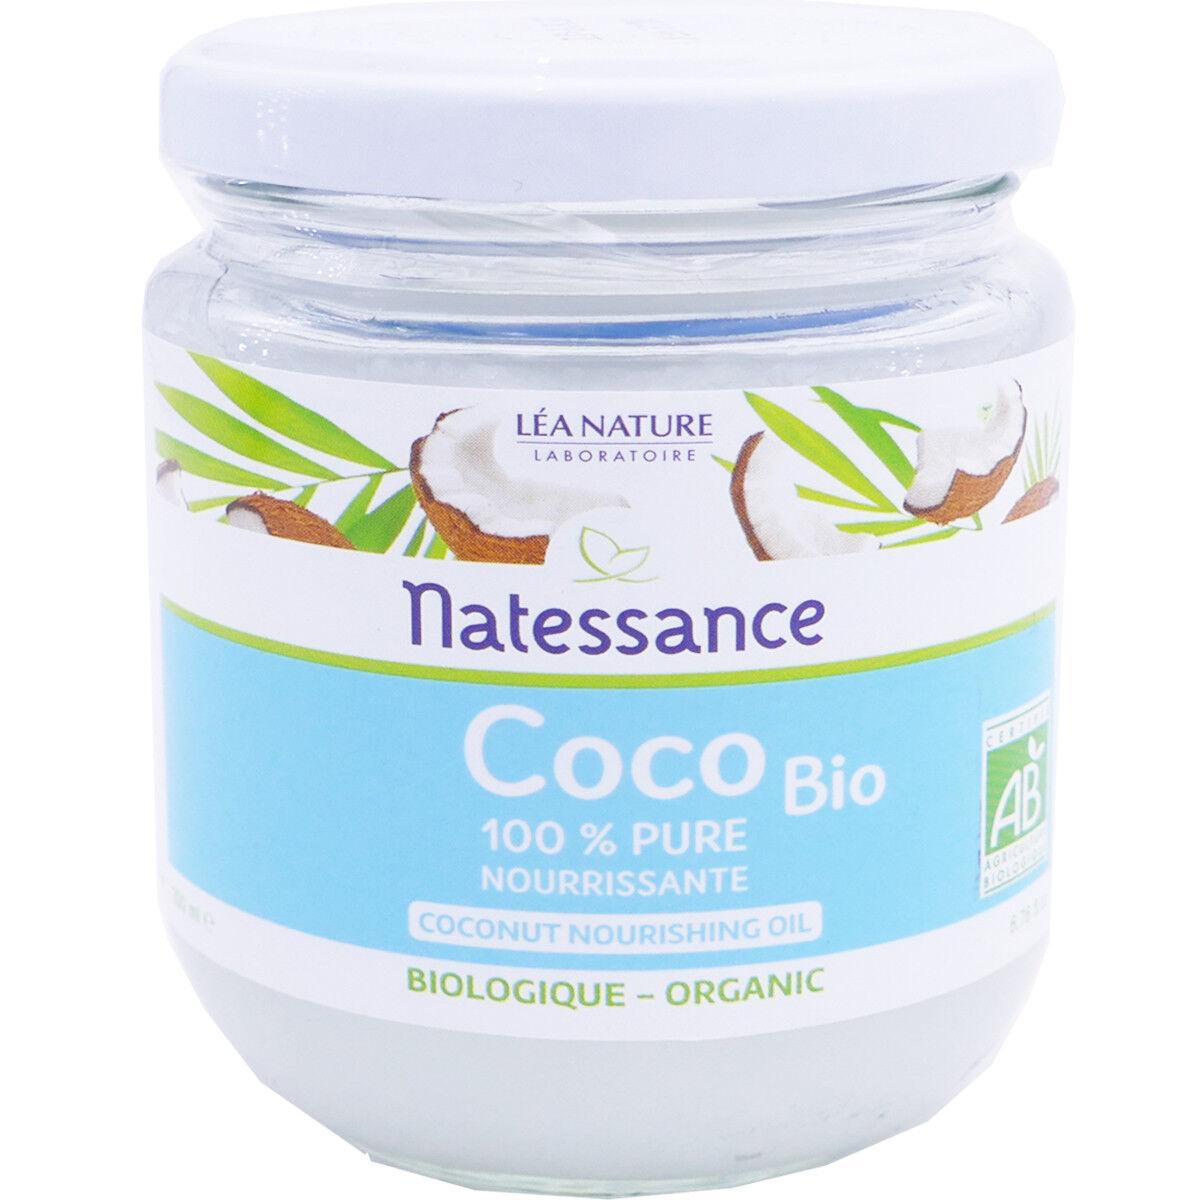 Natessance coco bio 200 ml